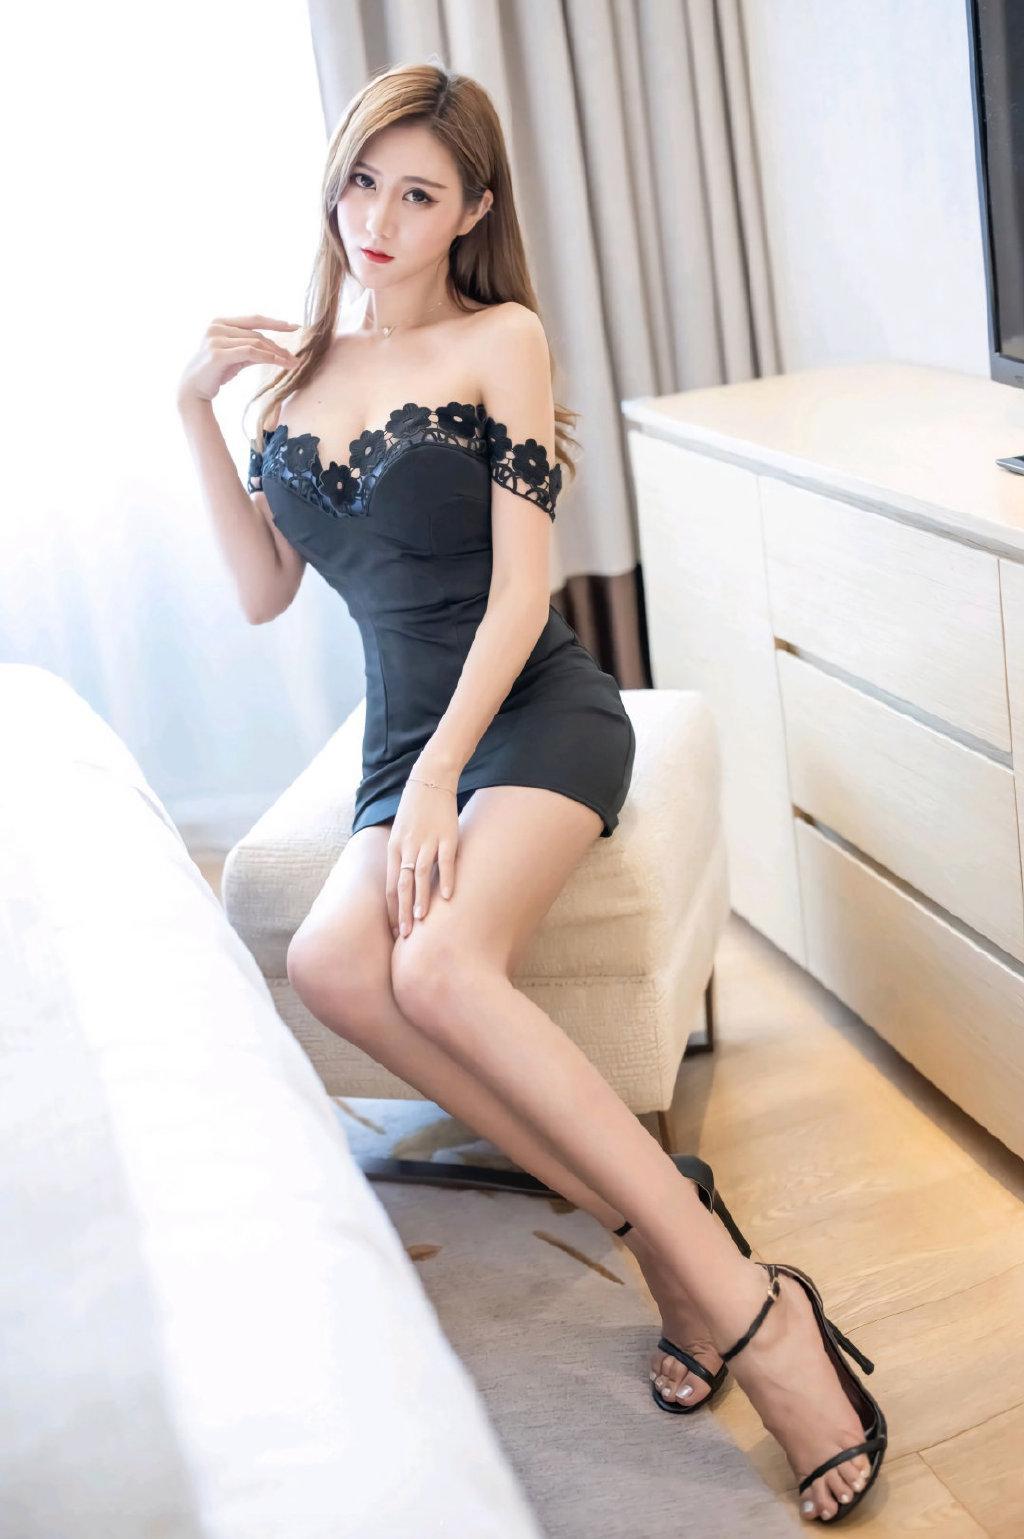 身材高挑曼妙性感美女丝袜美腿写真